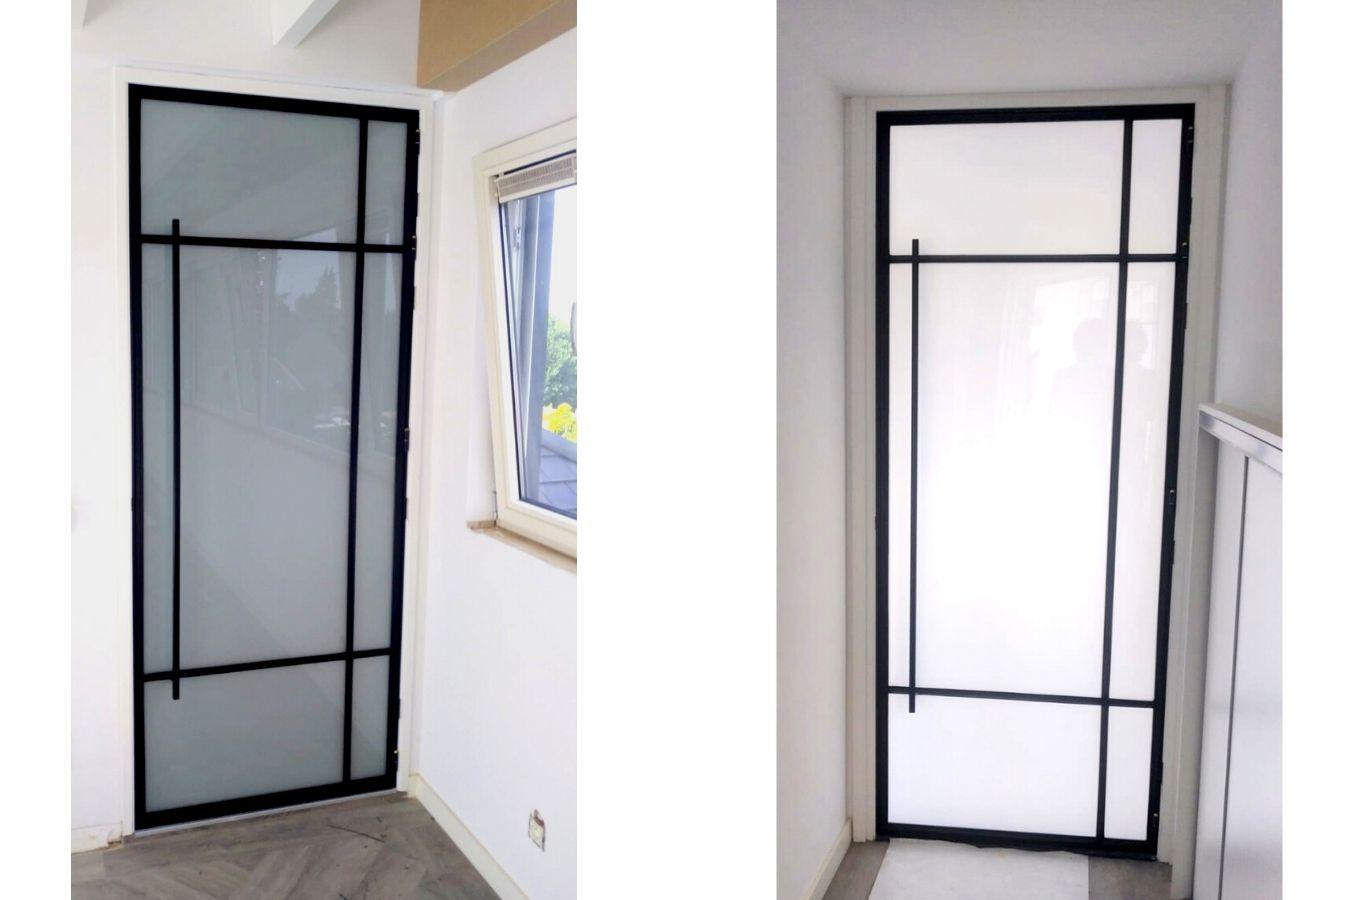 stalen melkglasdeuren project hoogstraten - pivotdeuren met melkglas - StalenDeurenHuys